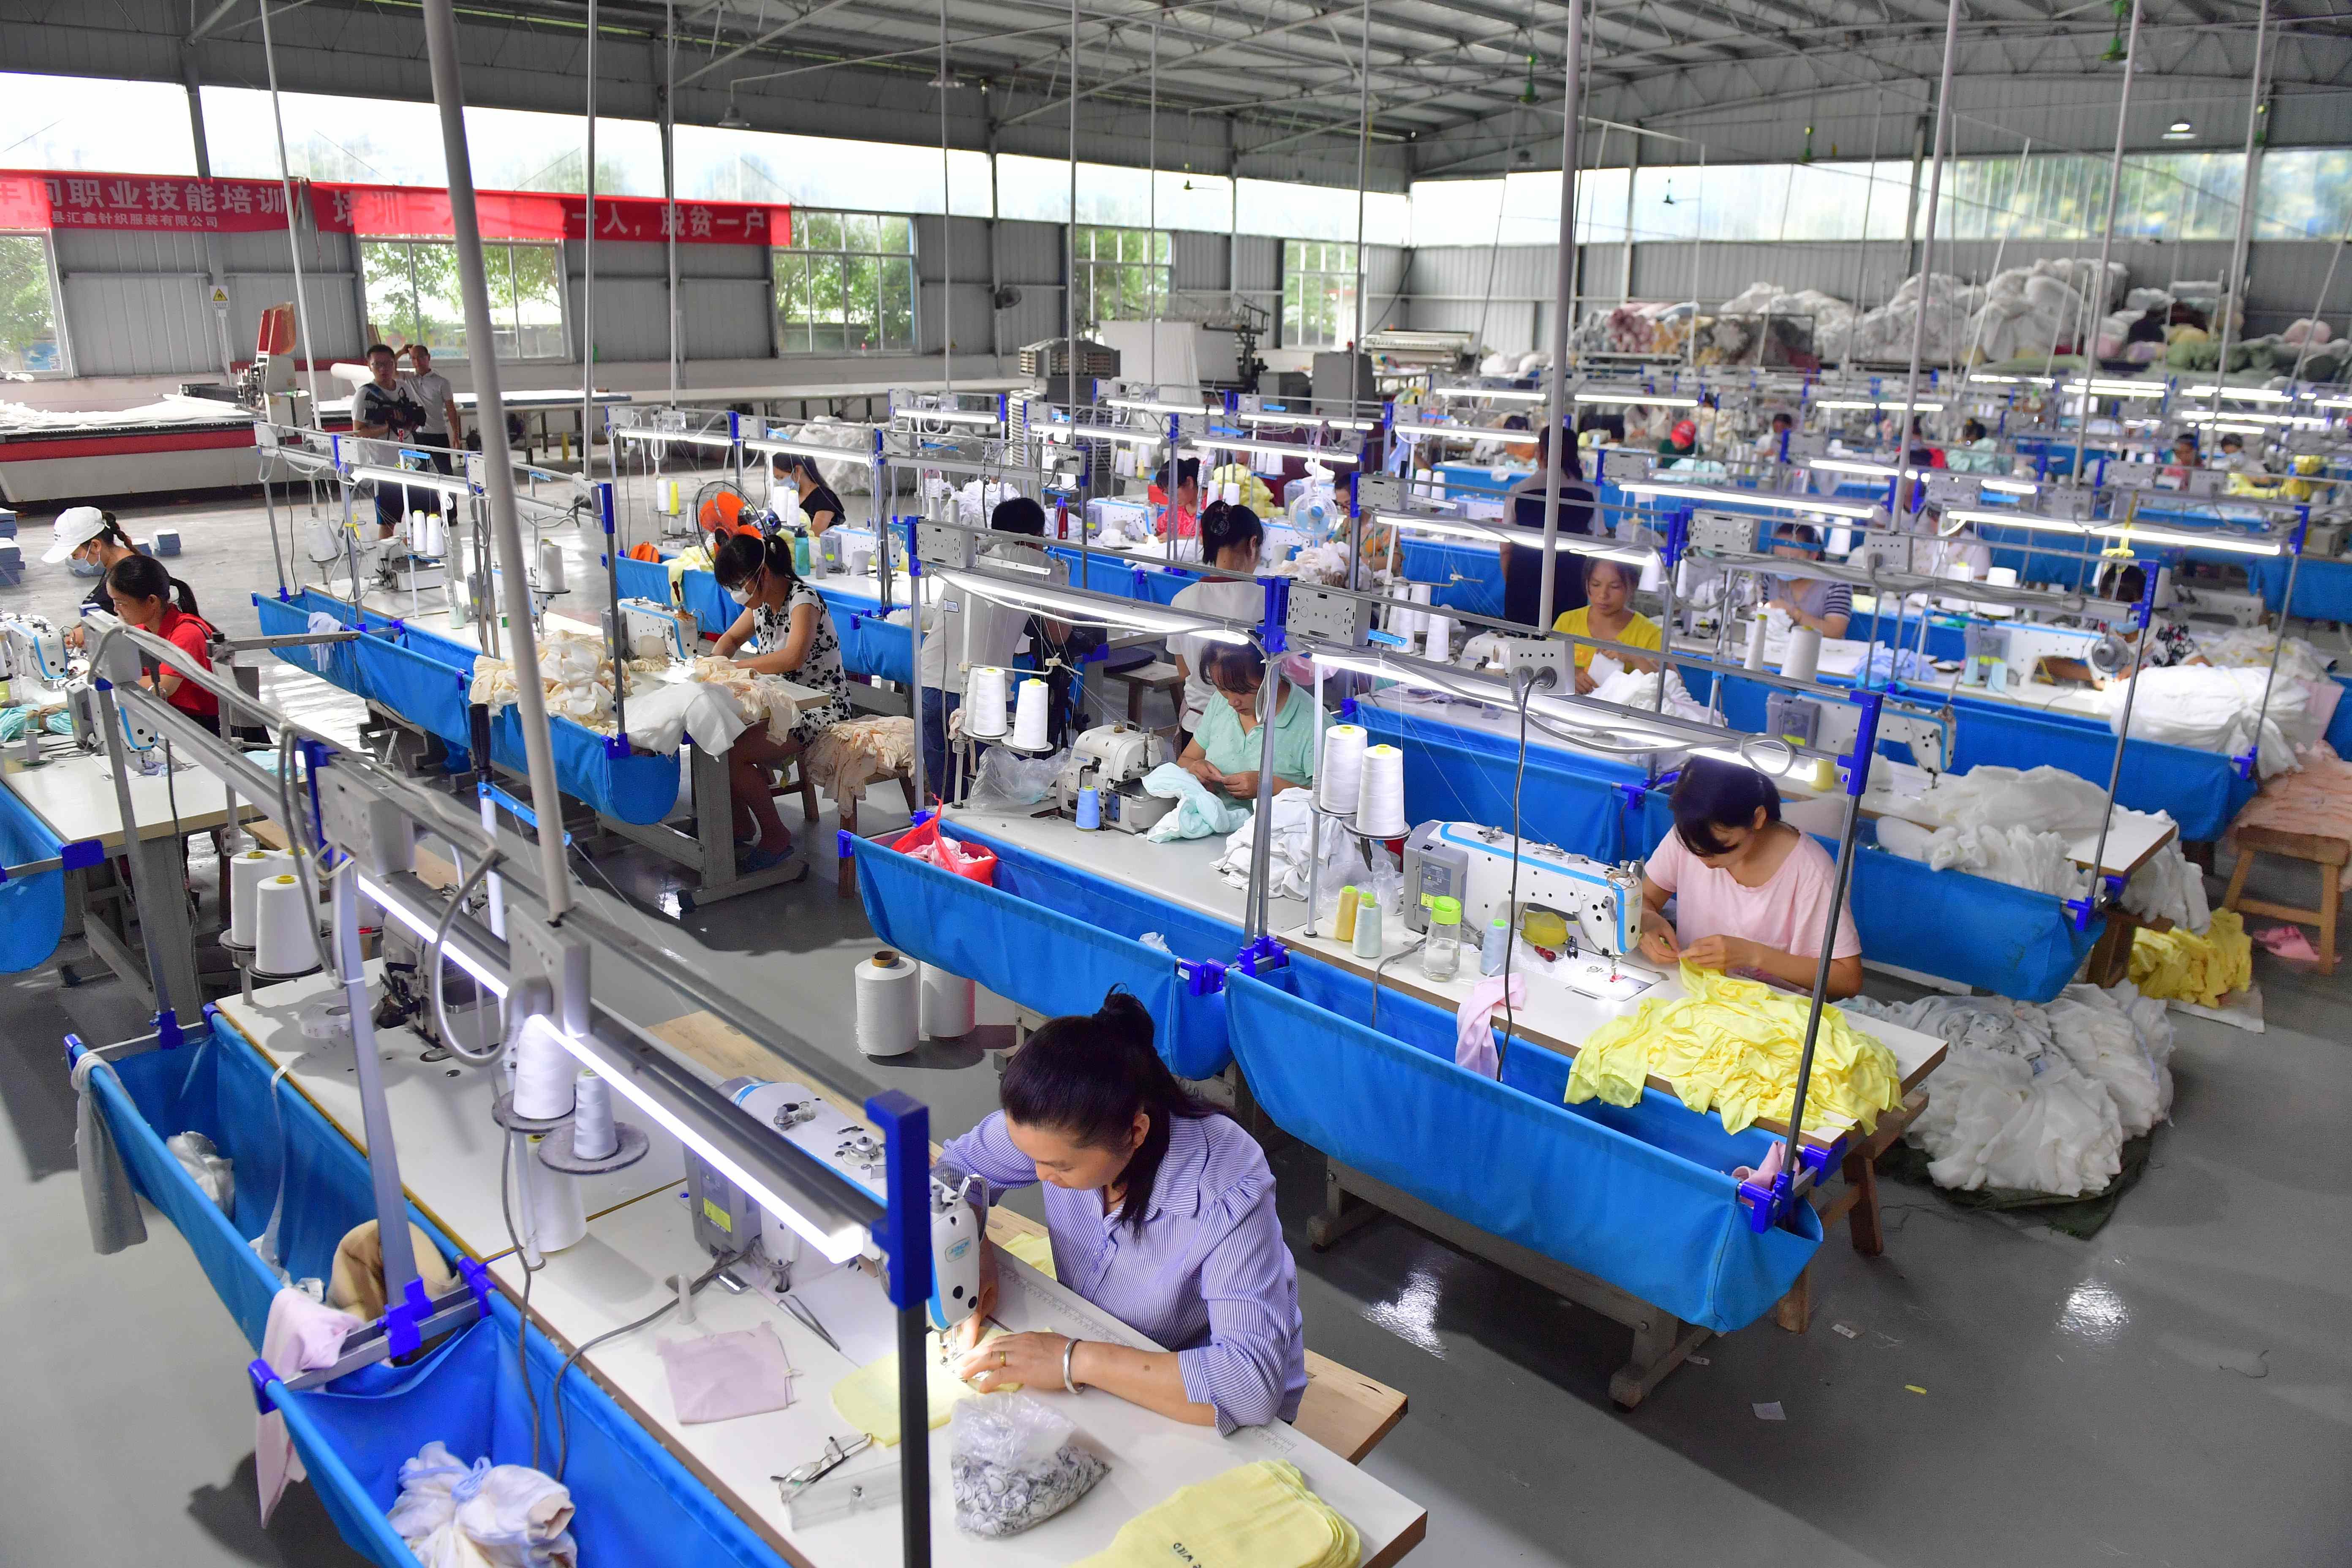 7月15日,工人在广西柳州市融安县隘面扶贫微车间缝制服装.图片